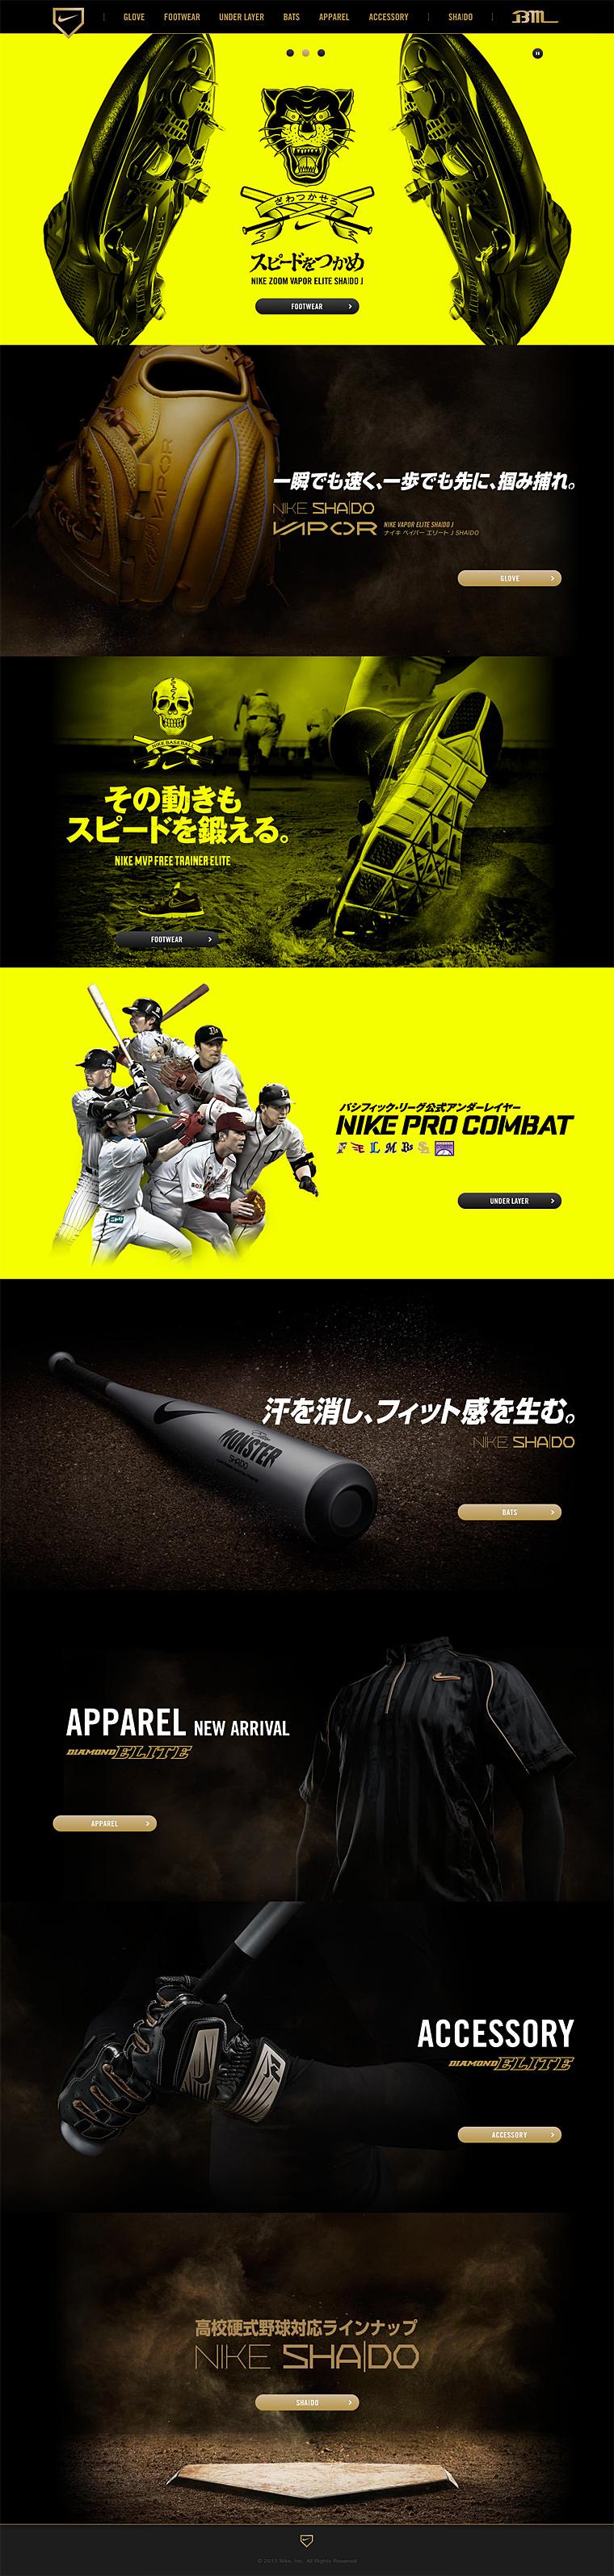 ナイキ:野球用品専門店 ベースマン